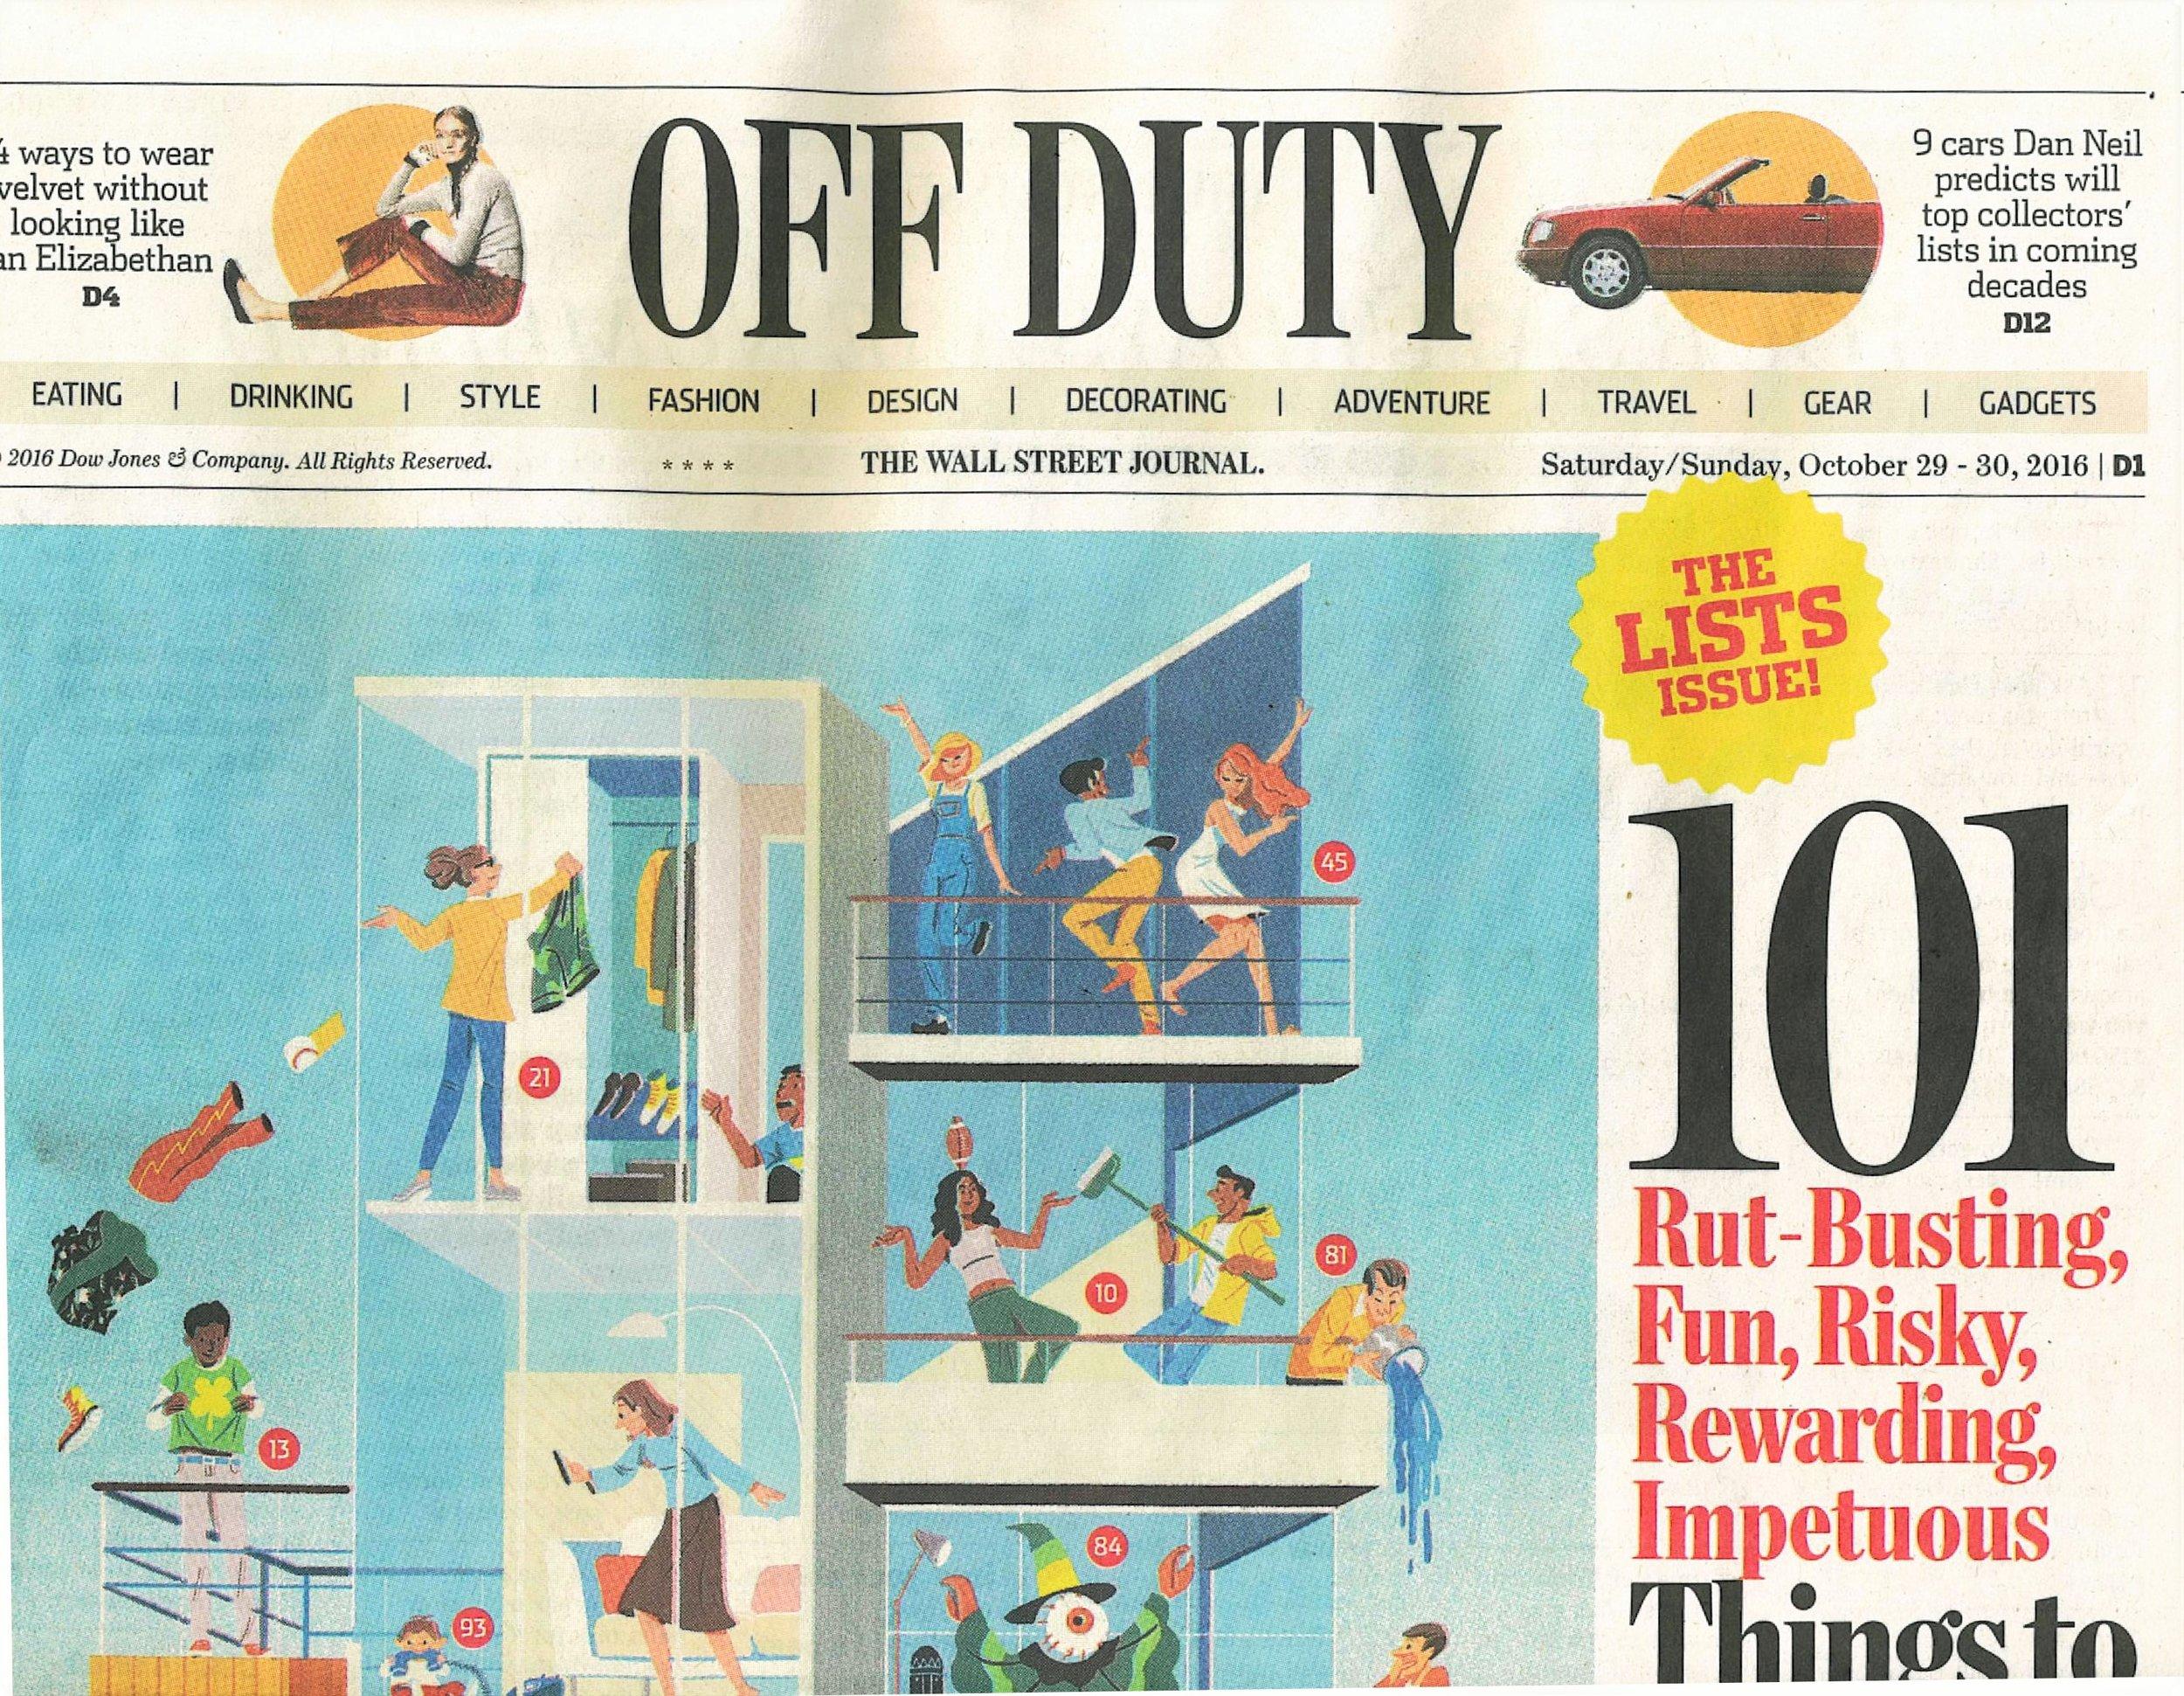 Wall Street Journal | Off Duty